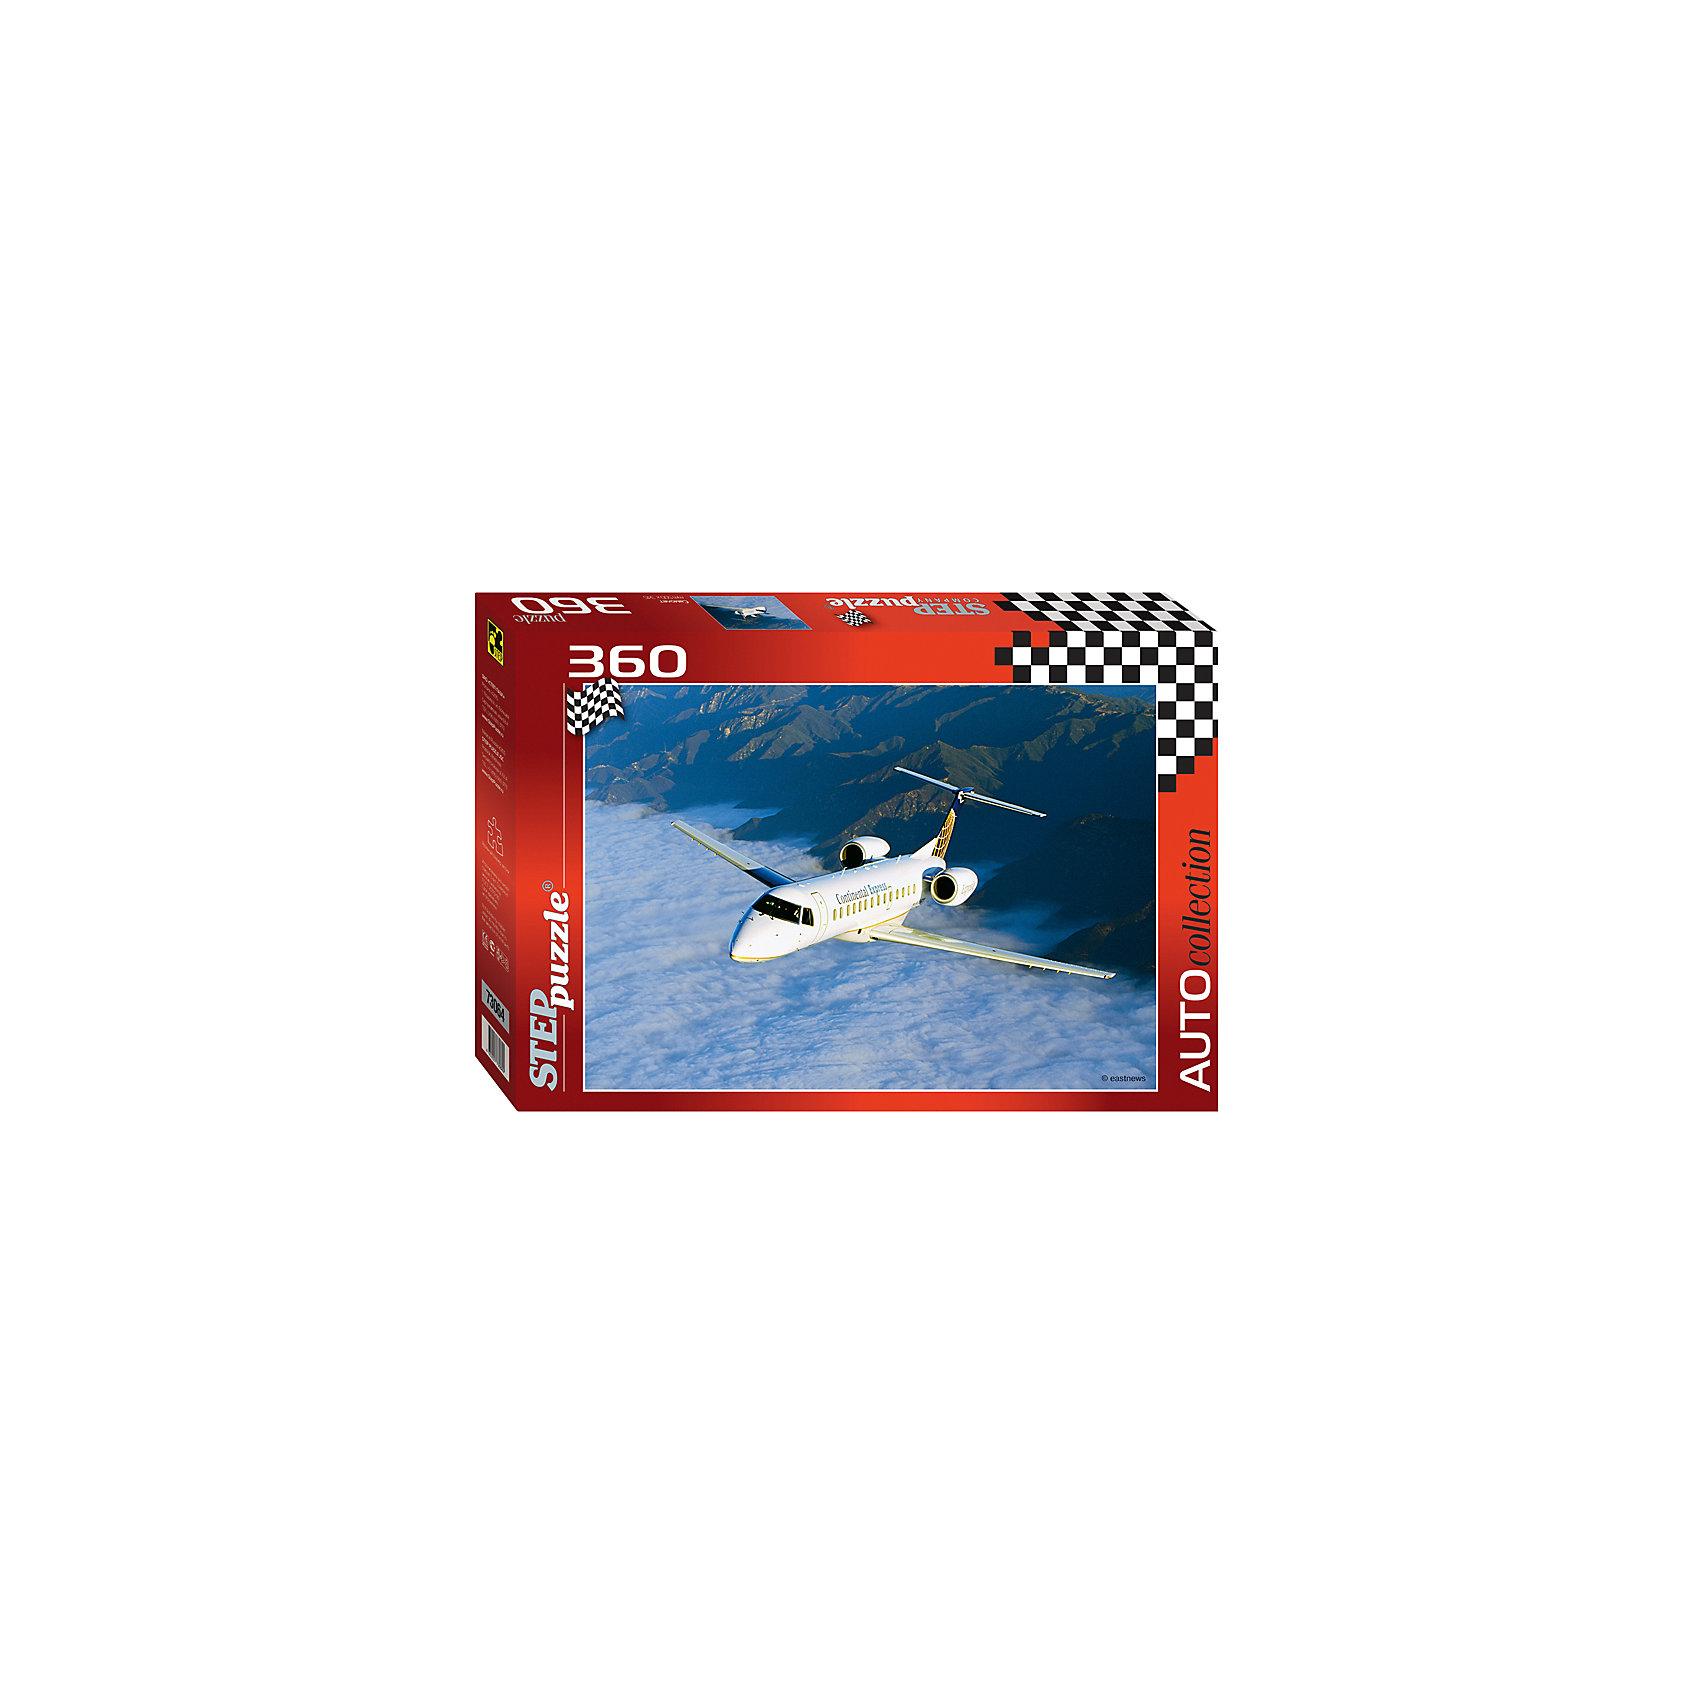 Пазл Самолет, 360 деталей, Step PuzzleКлассические пазлы<br>Пазл Самолет, 360 деталей, Step Puzzle (Степ Пазл) – это красочный пазл  серии «Auto collection».<br>Красочный Самолет от торговой марки Step Puzzle (Степ Пазл) станет прекрасным подарком, как для малышей, так и для взрослых. Все элементы изготовлены из прочного картона. Качественные фрагменты пазла отлично проклеены, не расслаиваются и идеально подходят один к другому, поэтому сборка пазла обеспечит только положительные эмоции. Собрав все детали, Вы получите яркую картинку с изображением небольшого белого самолета, летящего над облаками. Занятия с пазлом поспособствуют развитию множества полезных навыков, таких как мелкая моторика рук, пространственное мышление, память и наблюдательность.<br><br>Дополнительная информация:<br><br>- Количество деталей: 360<br>- Материал: картон<br>- Размер собранной картины: 50х34,5 см.<br>- Отличная проклейка<br>- Детали идеально подходят друг другу<br>- Упаковка: картонная коробка<br>- Размер упаковки: 335x40x215 мм.<br>- Вес: 400 гр.<br><br>Пазл Самолет, 360 деталей, Step Puzzle (Степ Пазл) можно купить в нашем интернет-магазине.<br><br>Ширина мм: 335<br>Глубина мм: 40<br>Высота мм: 215<br>Вес г: 400<br>Возраст от месяцев: 84<br>Возраст до месяцев: 192<br>Пол: Унисекс<br>Возраст: Детский<br>SKU: 4588297